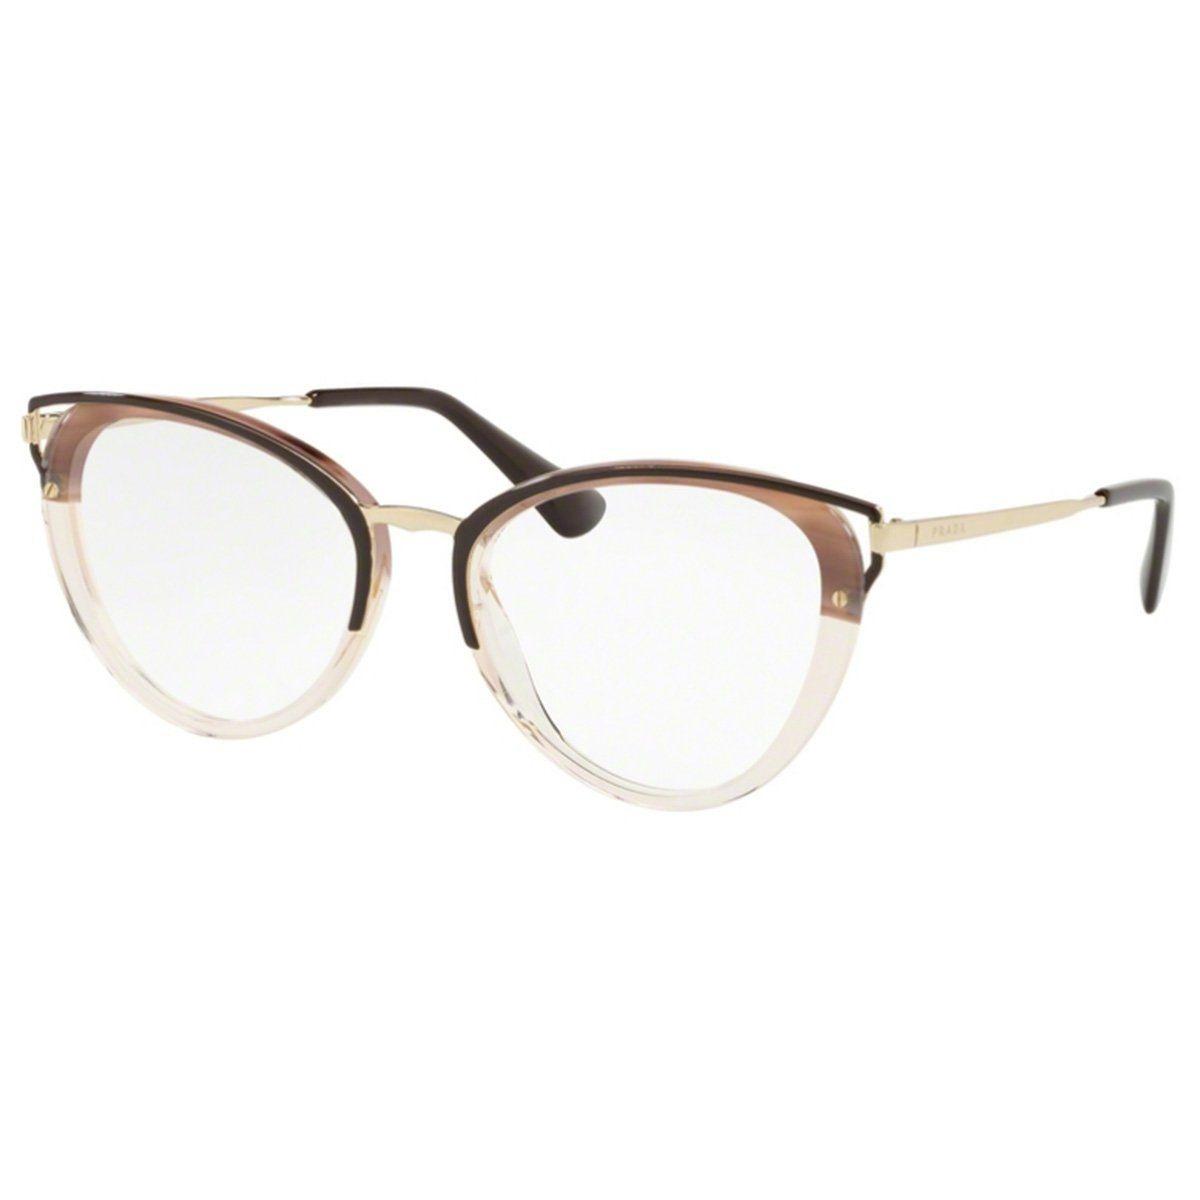 a77e265b1 Armação Óculos De Grau Feminino Prada Vpr53u Mru-101 - R$ 959,00 em ...